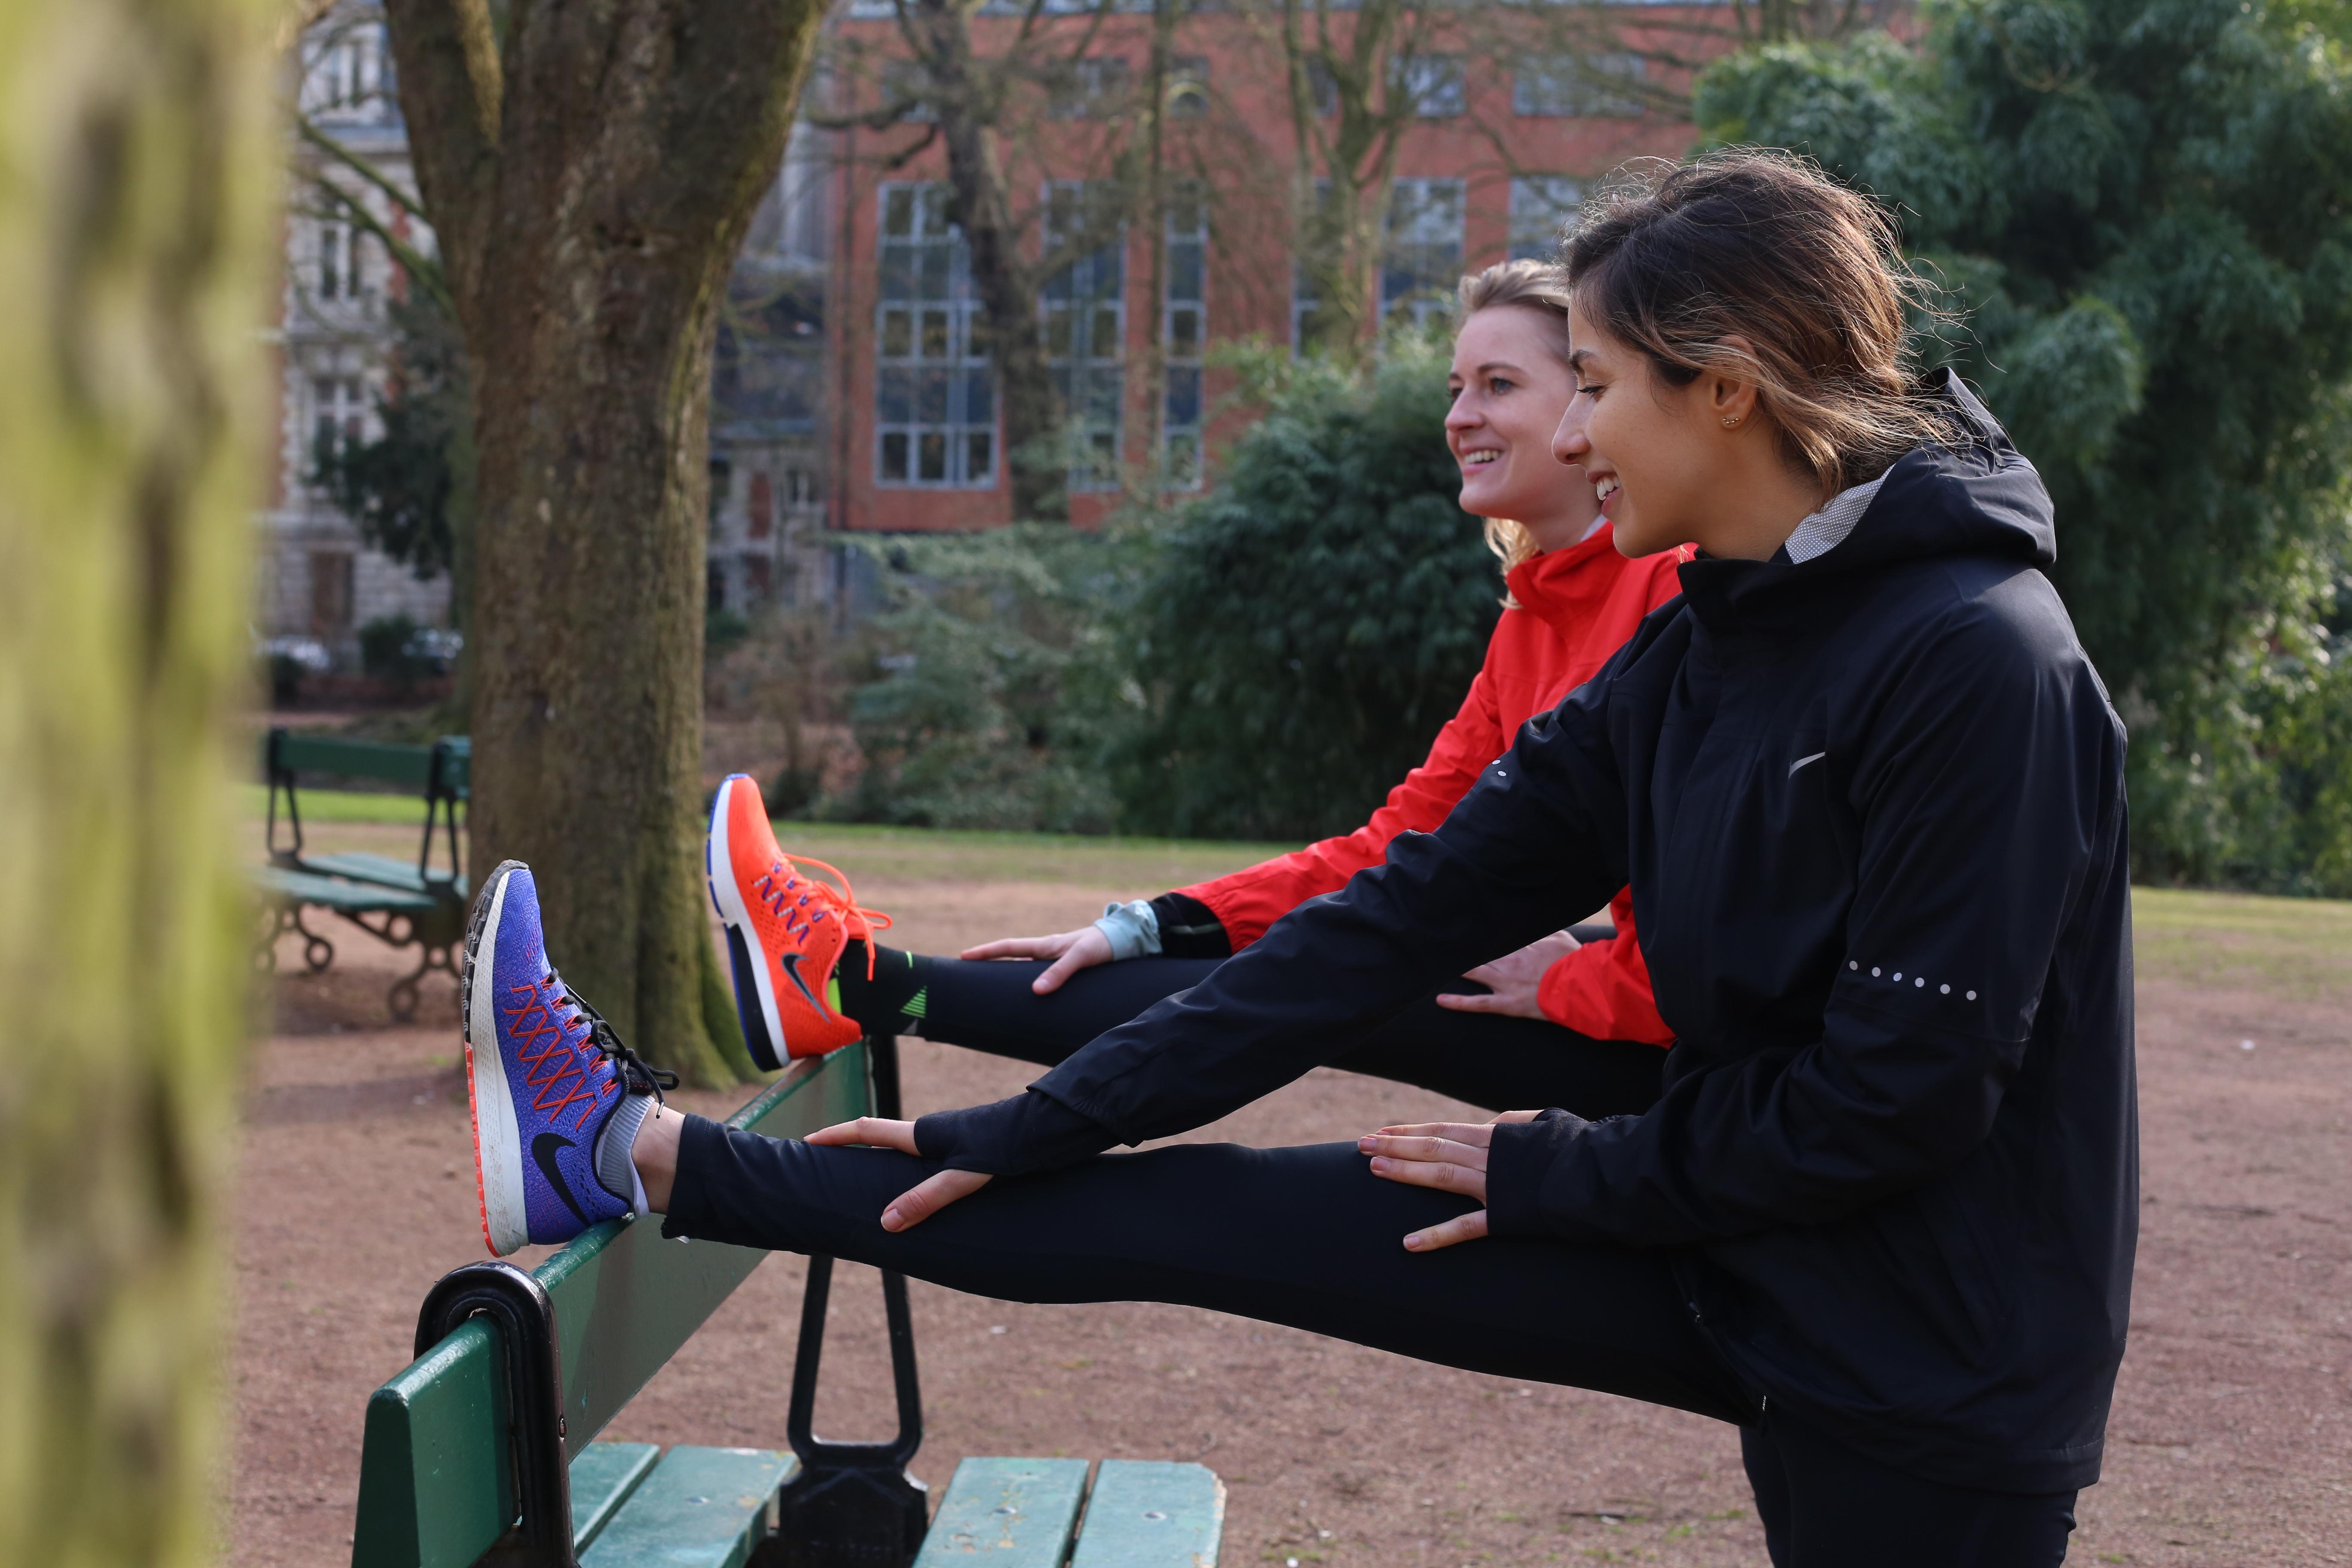 étirement après entrainement marathon avec nos nouvelles runnings